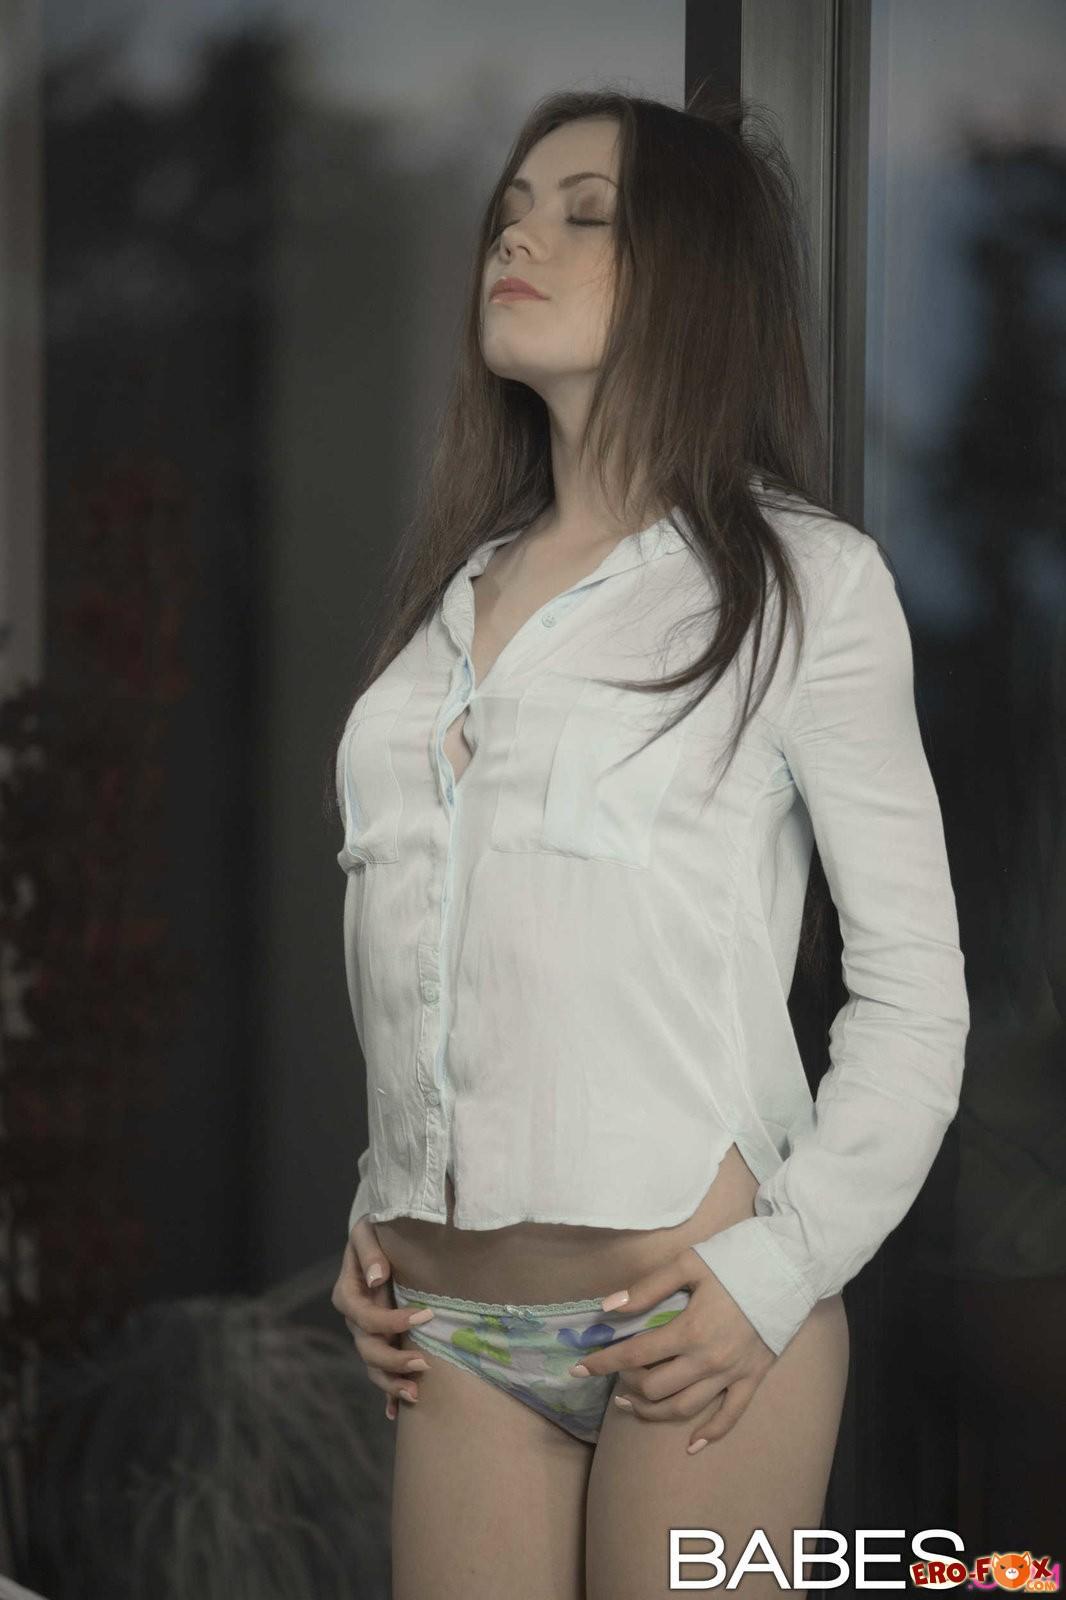 Девушка в расстёгнутой белой рубашке и трусиках .